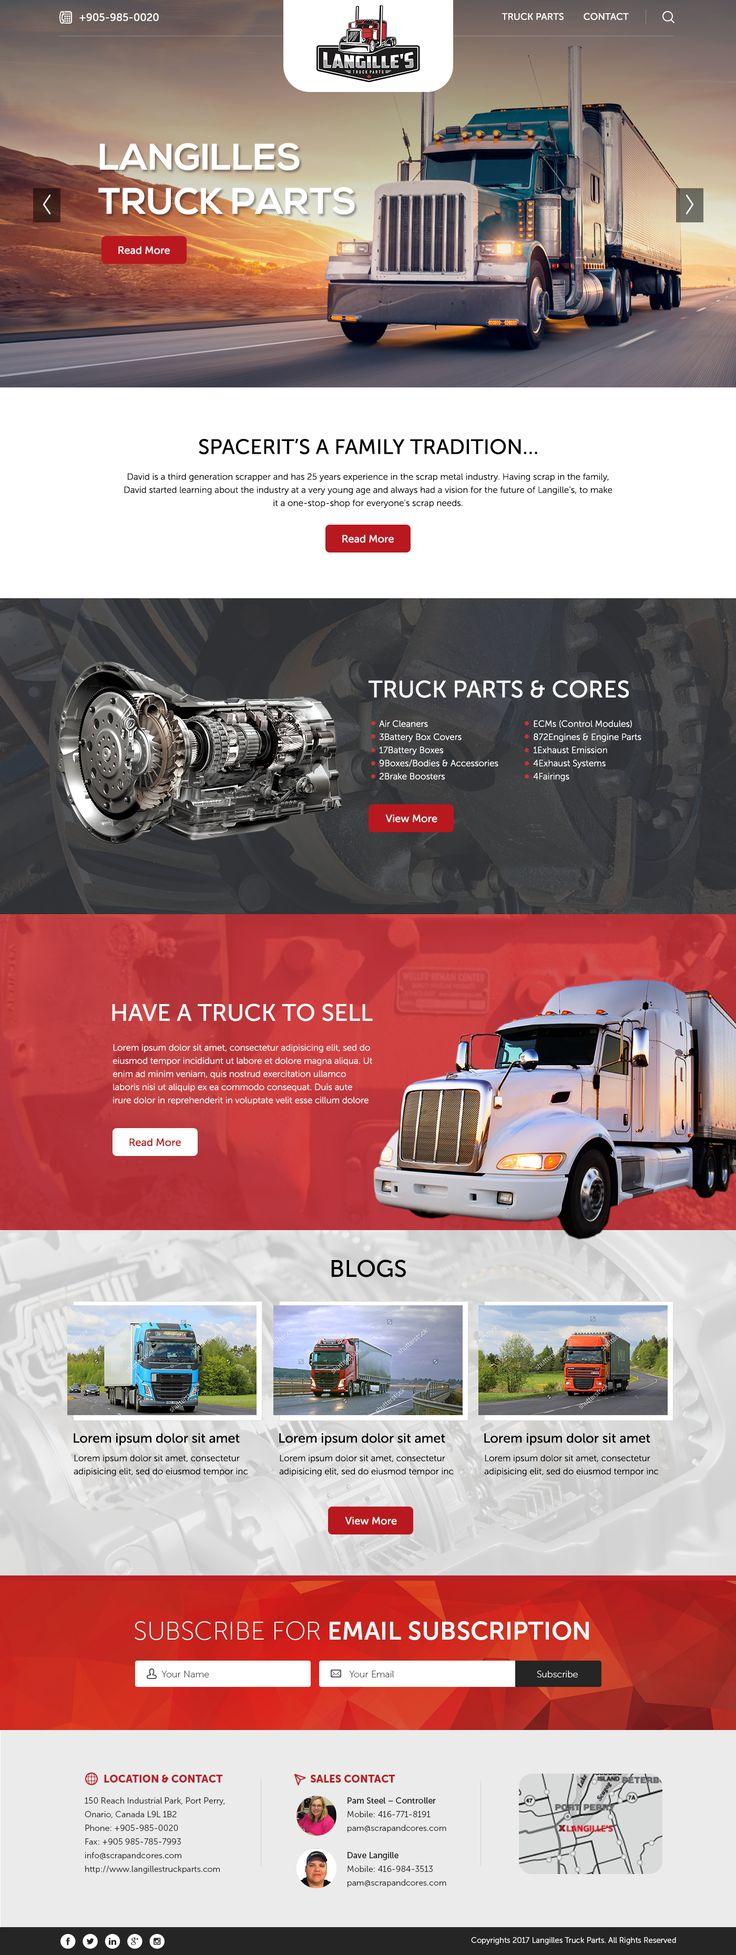 Langilles-Truck-Parts